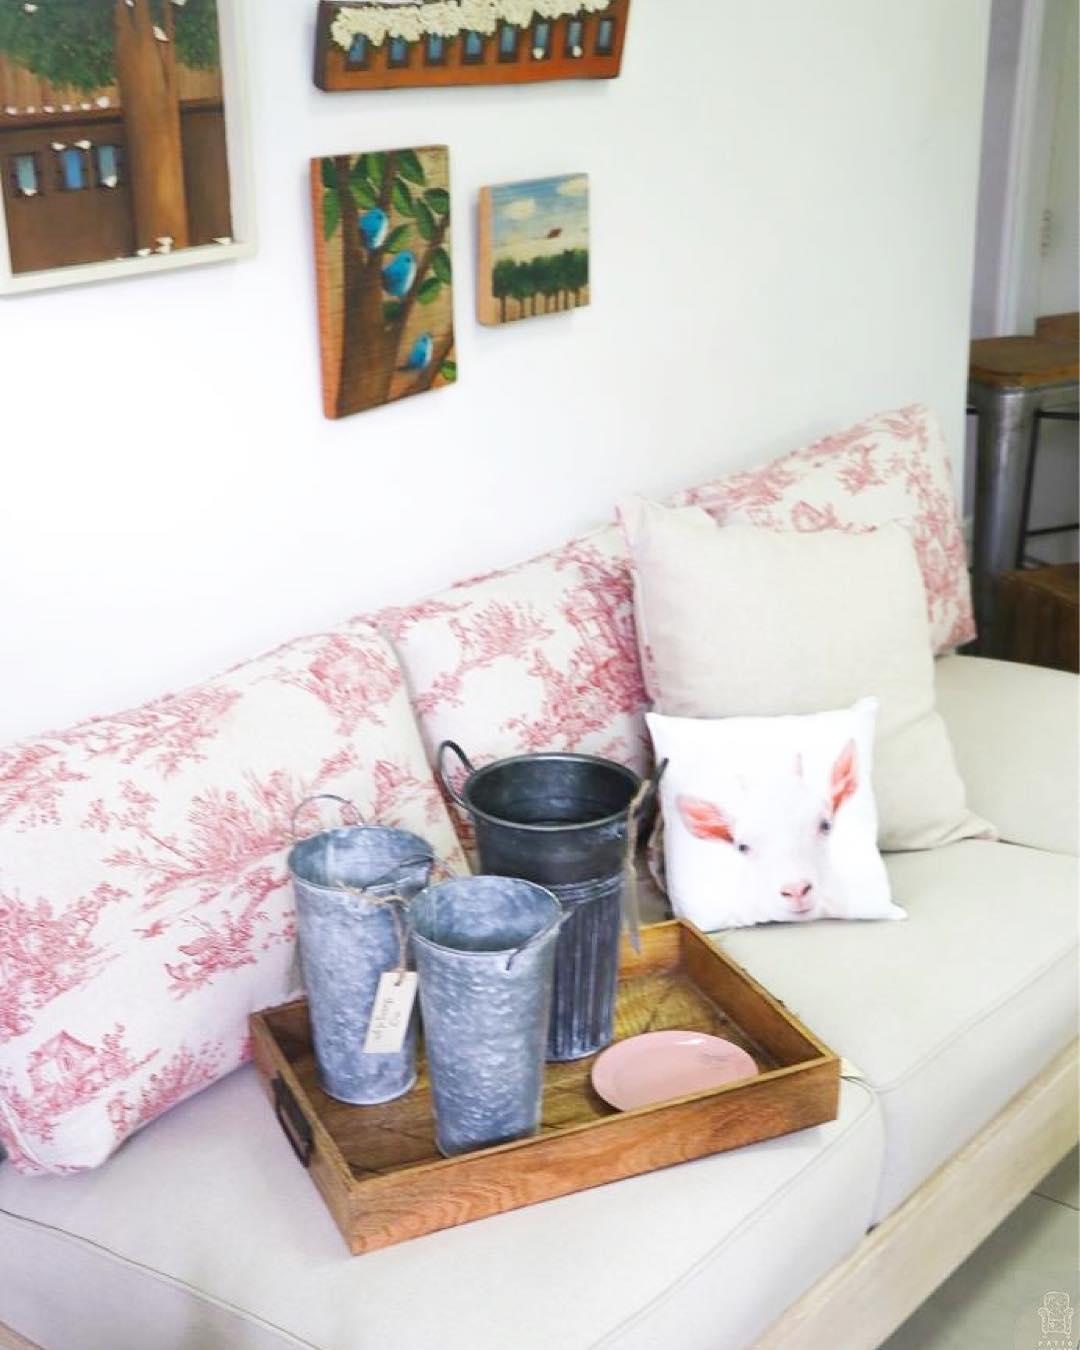 Visite nosso showroom e ajudamos você a criar seu próprio espaço! #patiocolorad ...